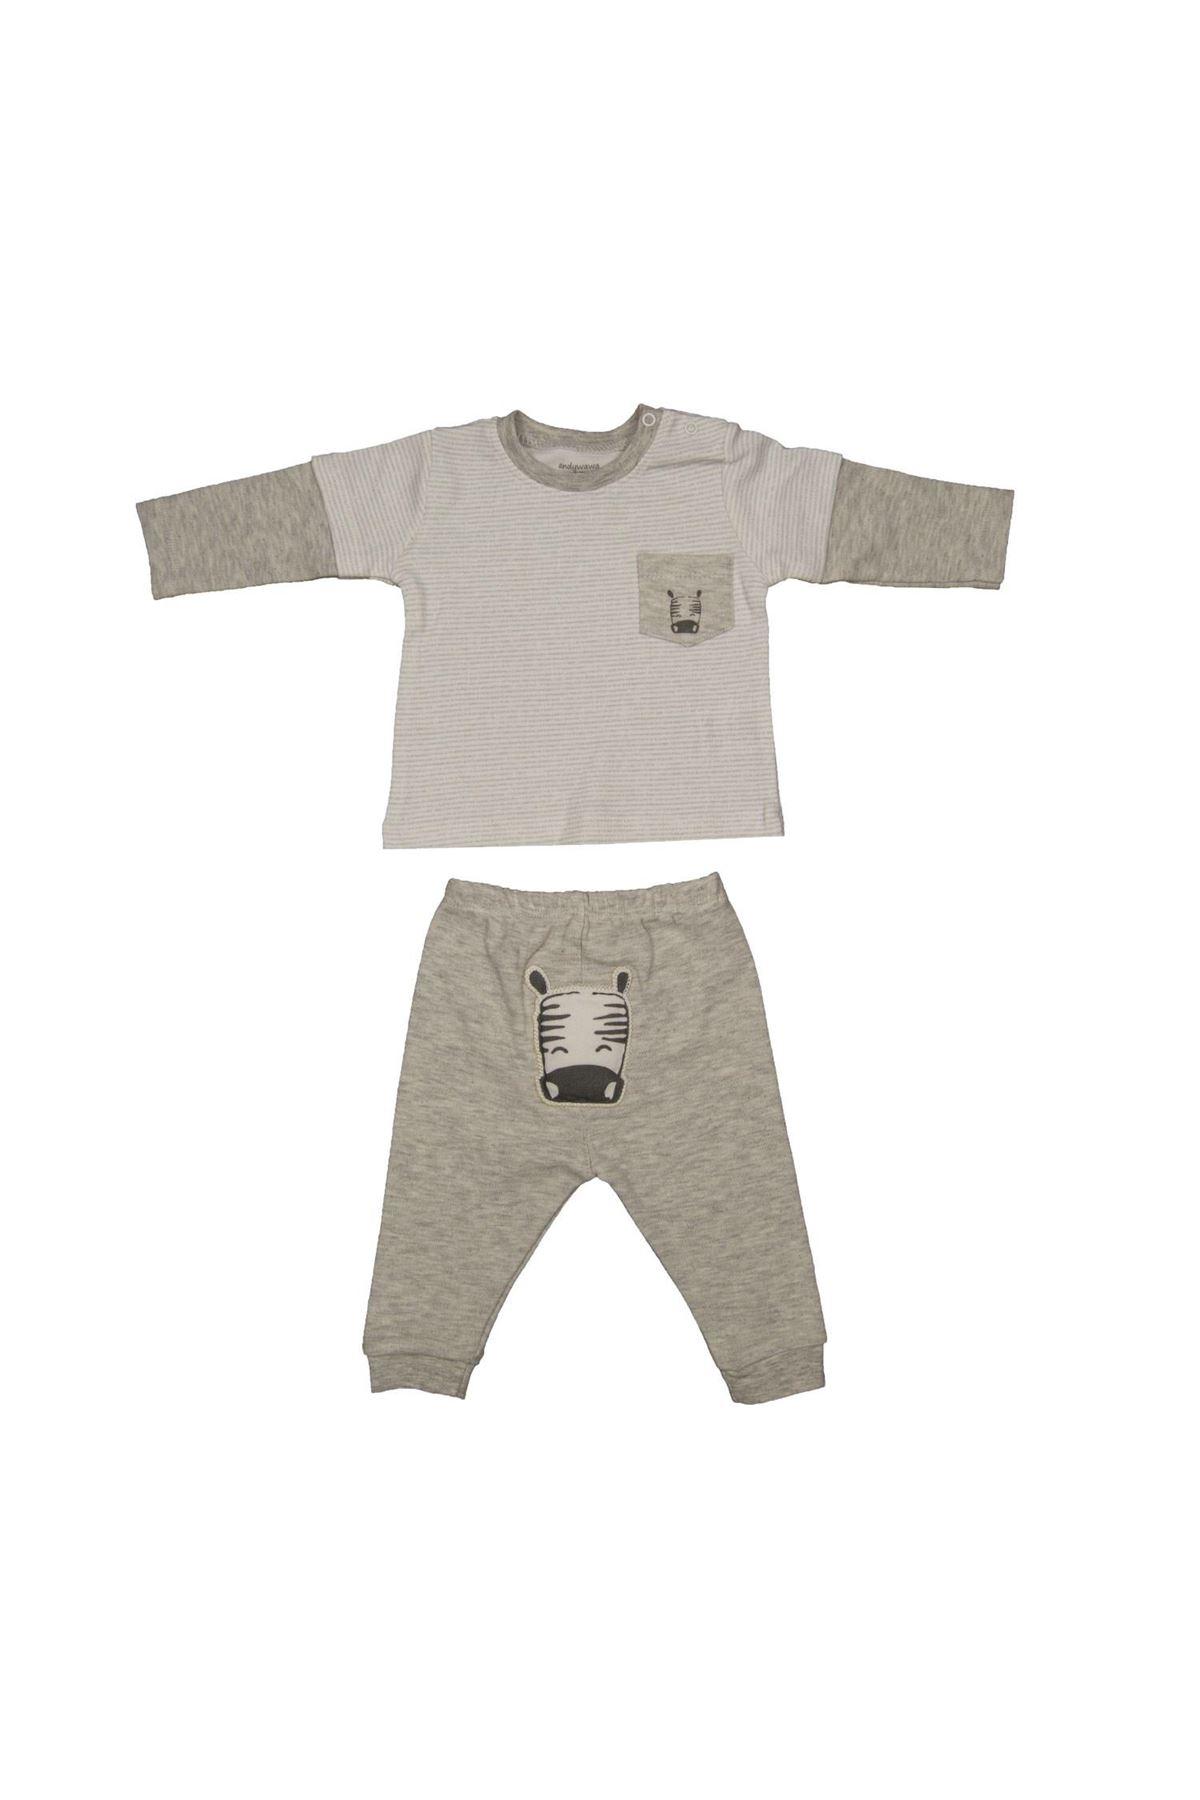 Andywawa AC21012 ZZZ Zebra 2li Bebe Takım Grey Melange